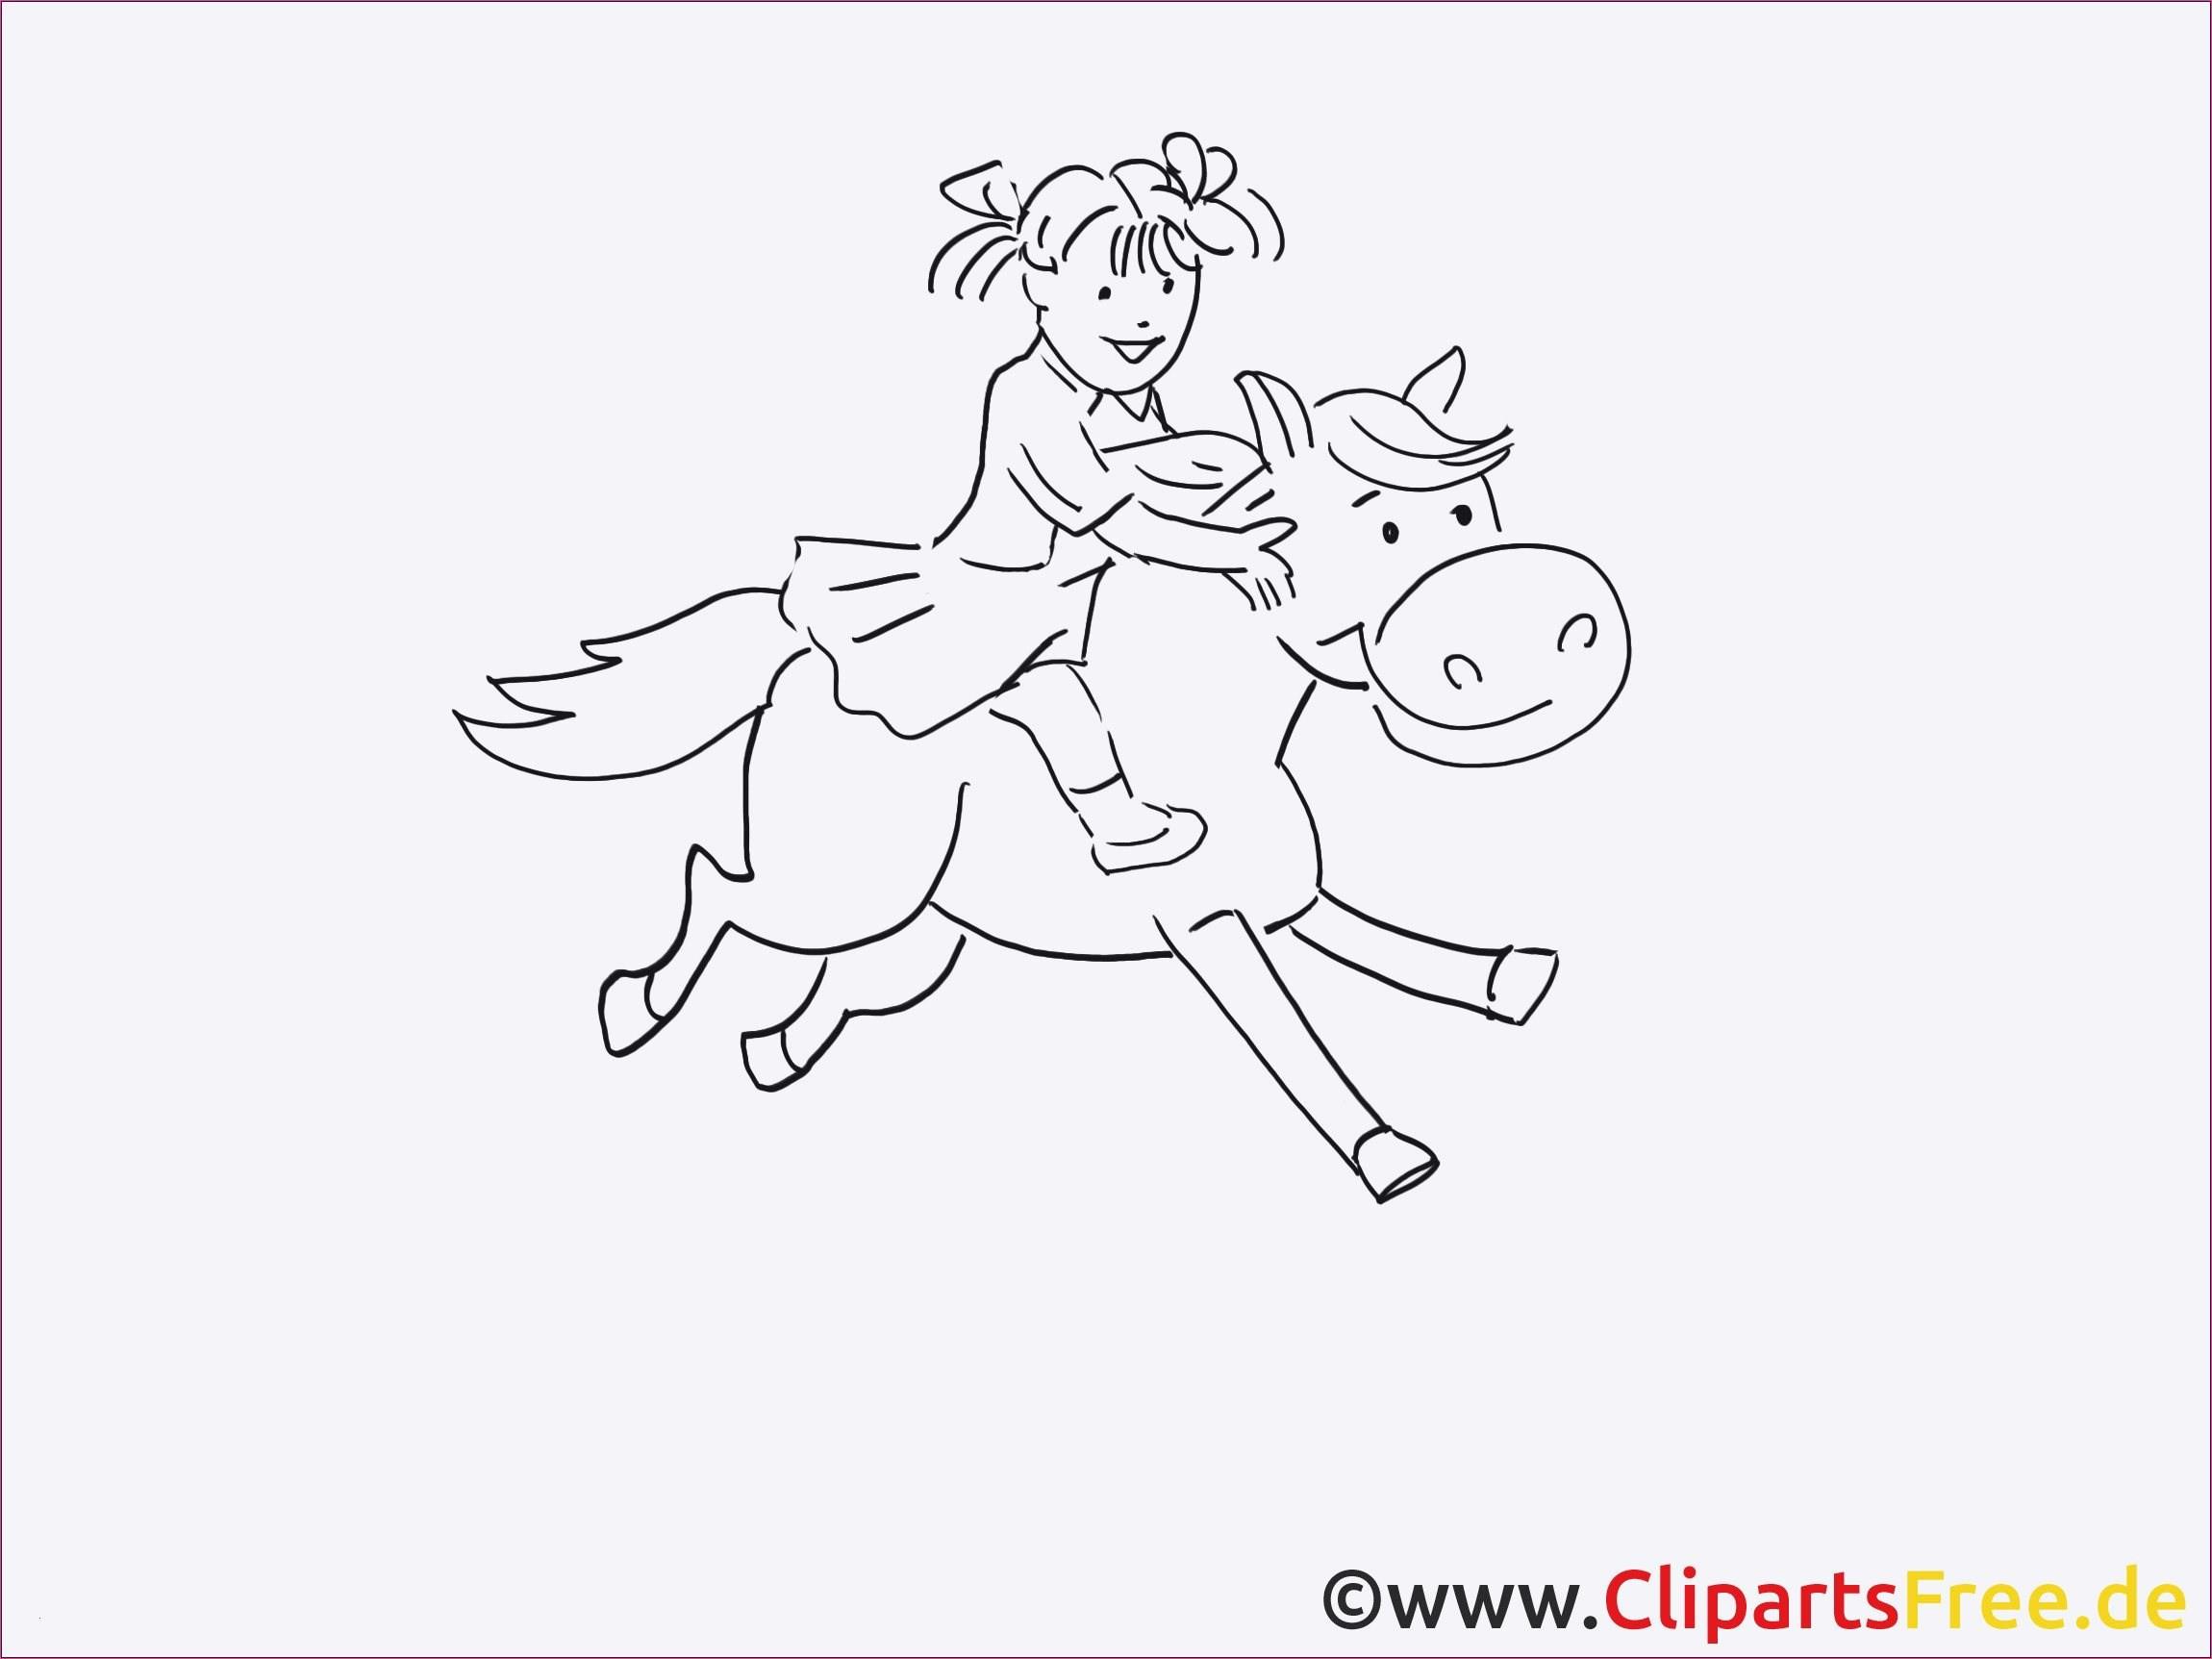 Hundertwasser Bilder Zum Ausmalen Genial Ausmalbilder Hundertwasser Inspirierend 35 Ausmalbilder Pferde Mit Sammlung